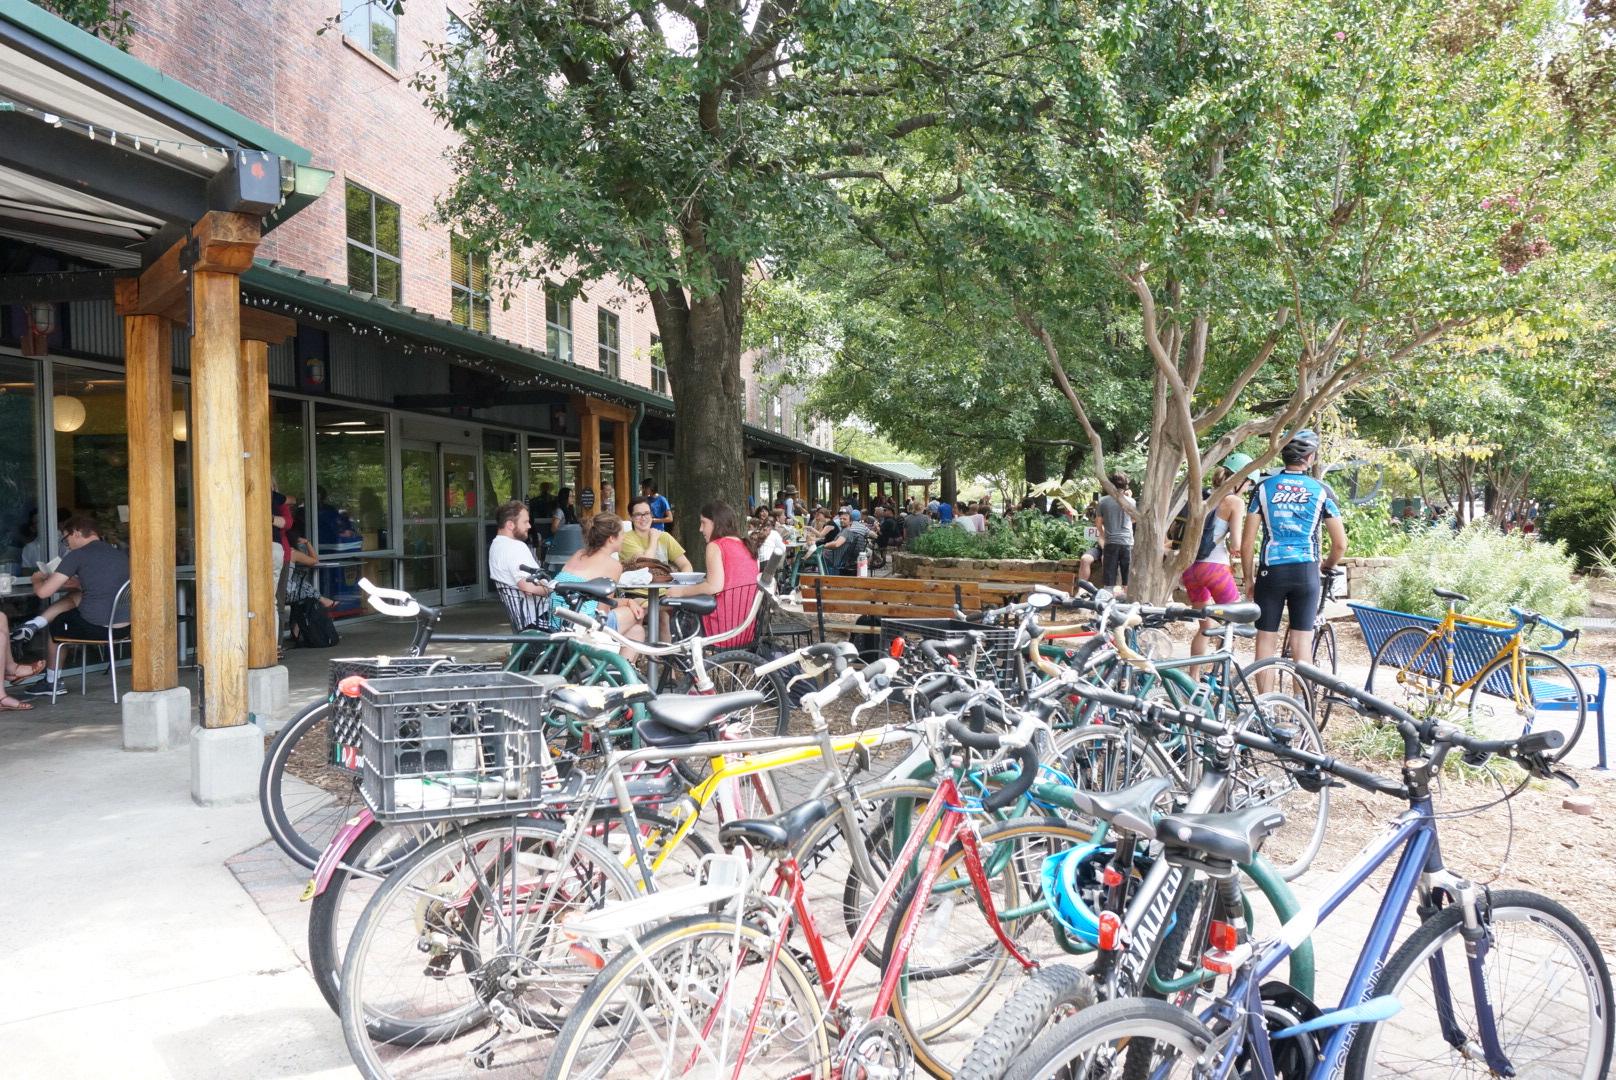 Weaver Street Market, Carrboro, Orange County, North Carolina, United States